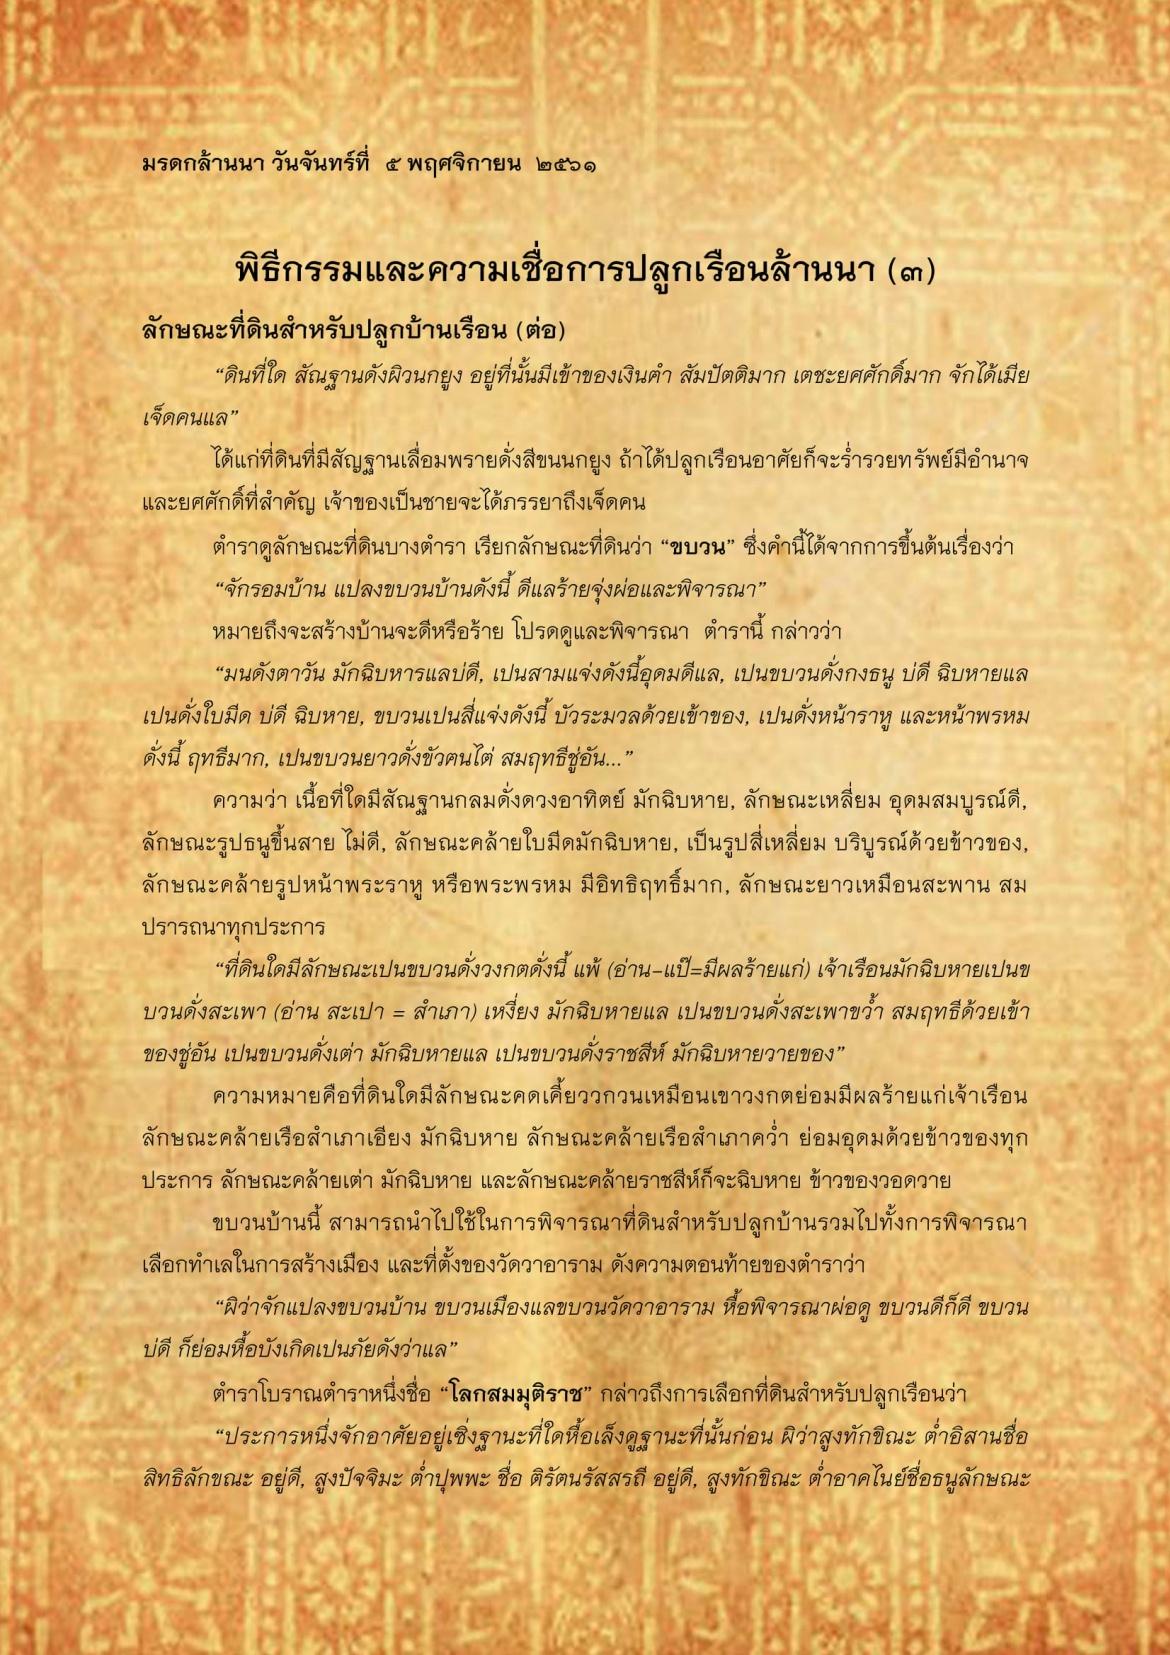 พิธีกรรมเเละความเชื่อการปลูกเรือนล้านนา(3) - 5 พฤศจิกายน 2561